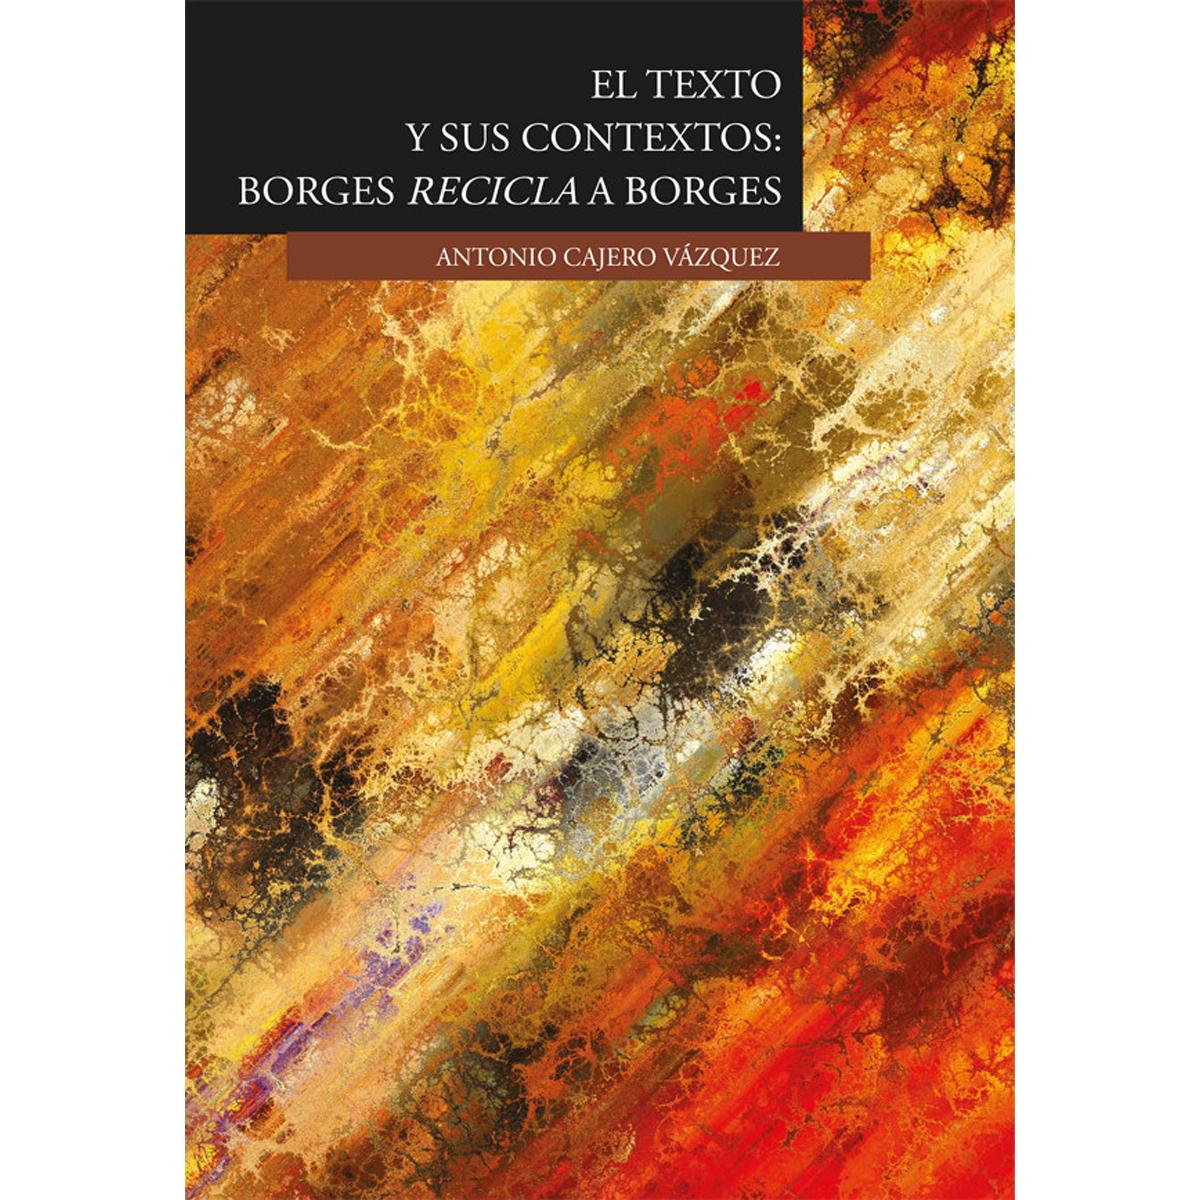 El texto y sus contextos: Borges recicla a Borges